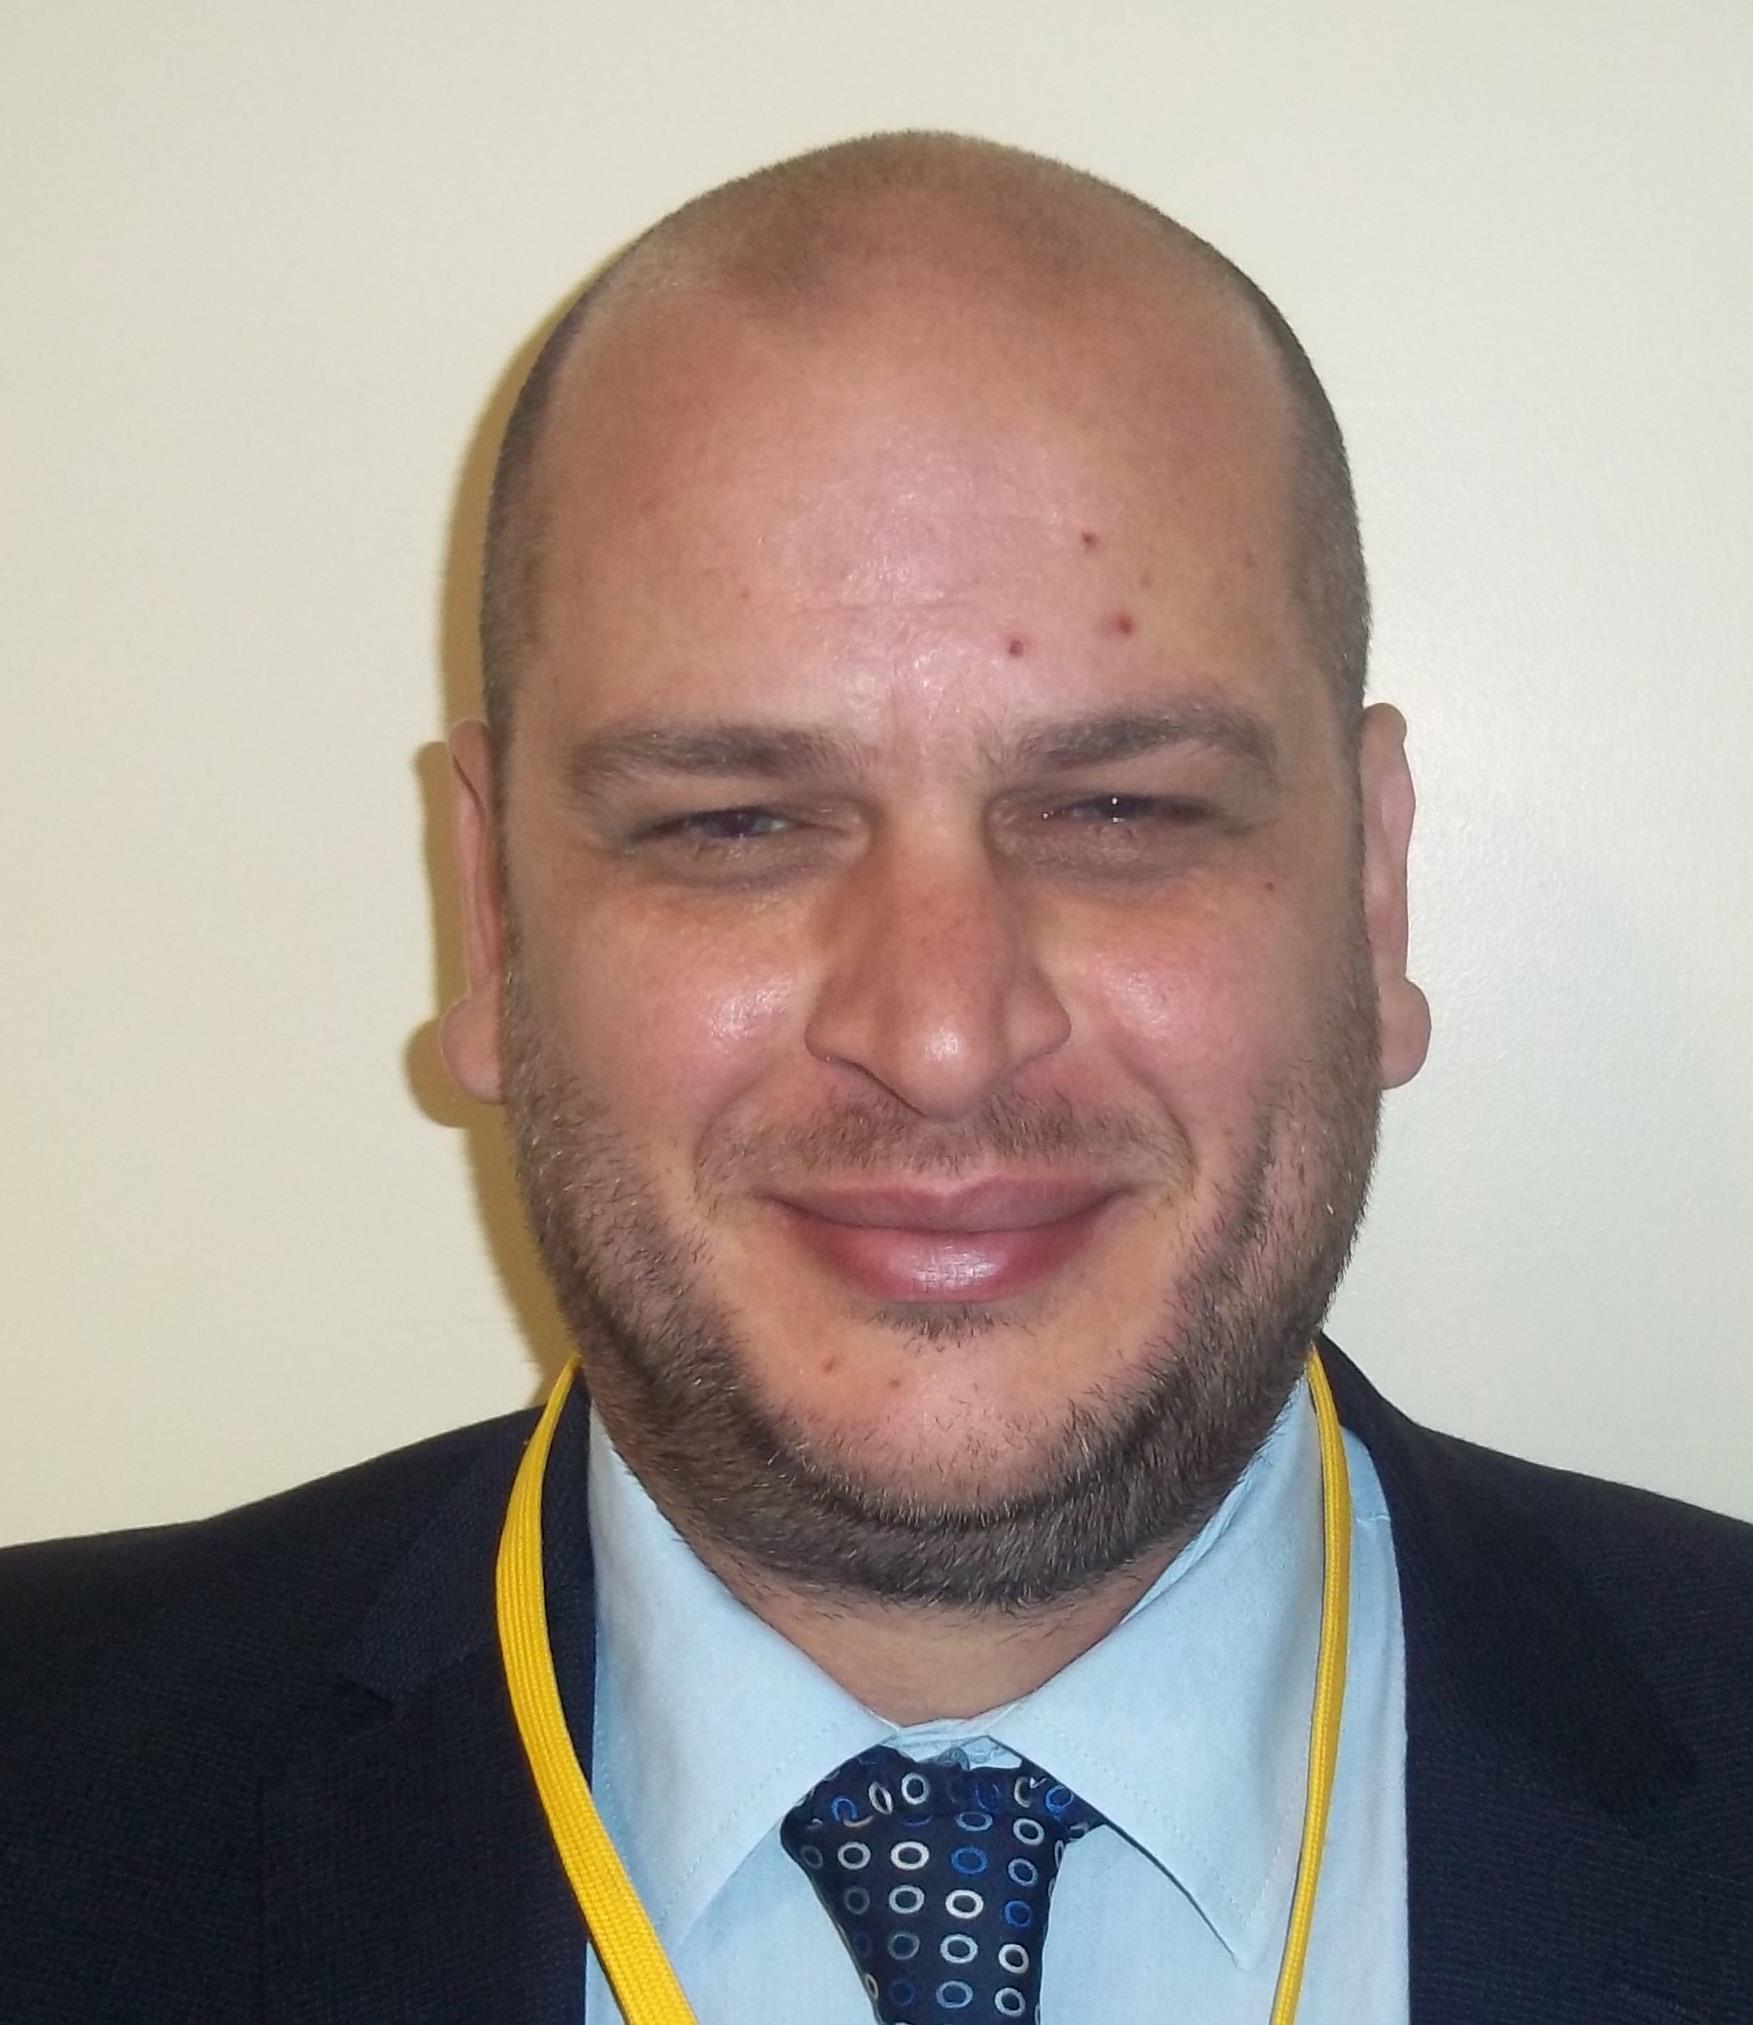 Matt Double, Assistant Headteacher